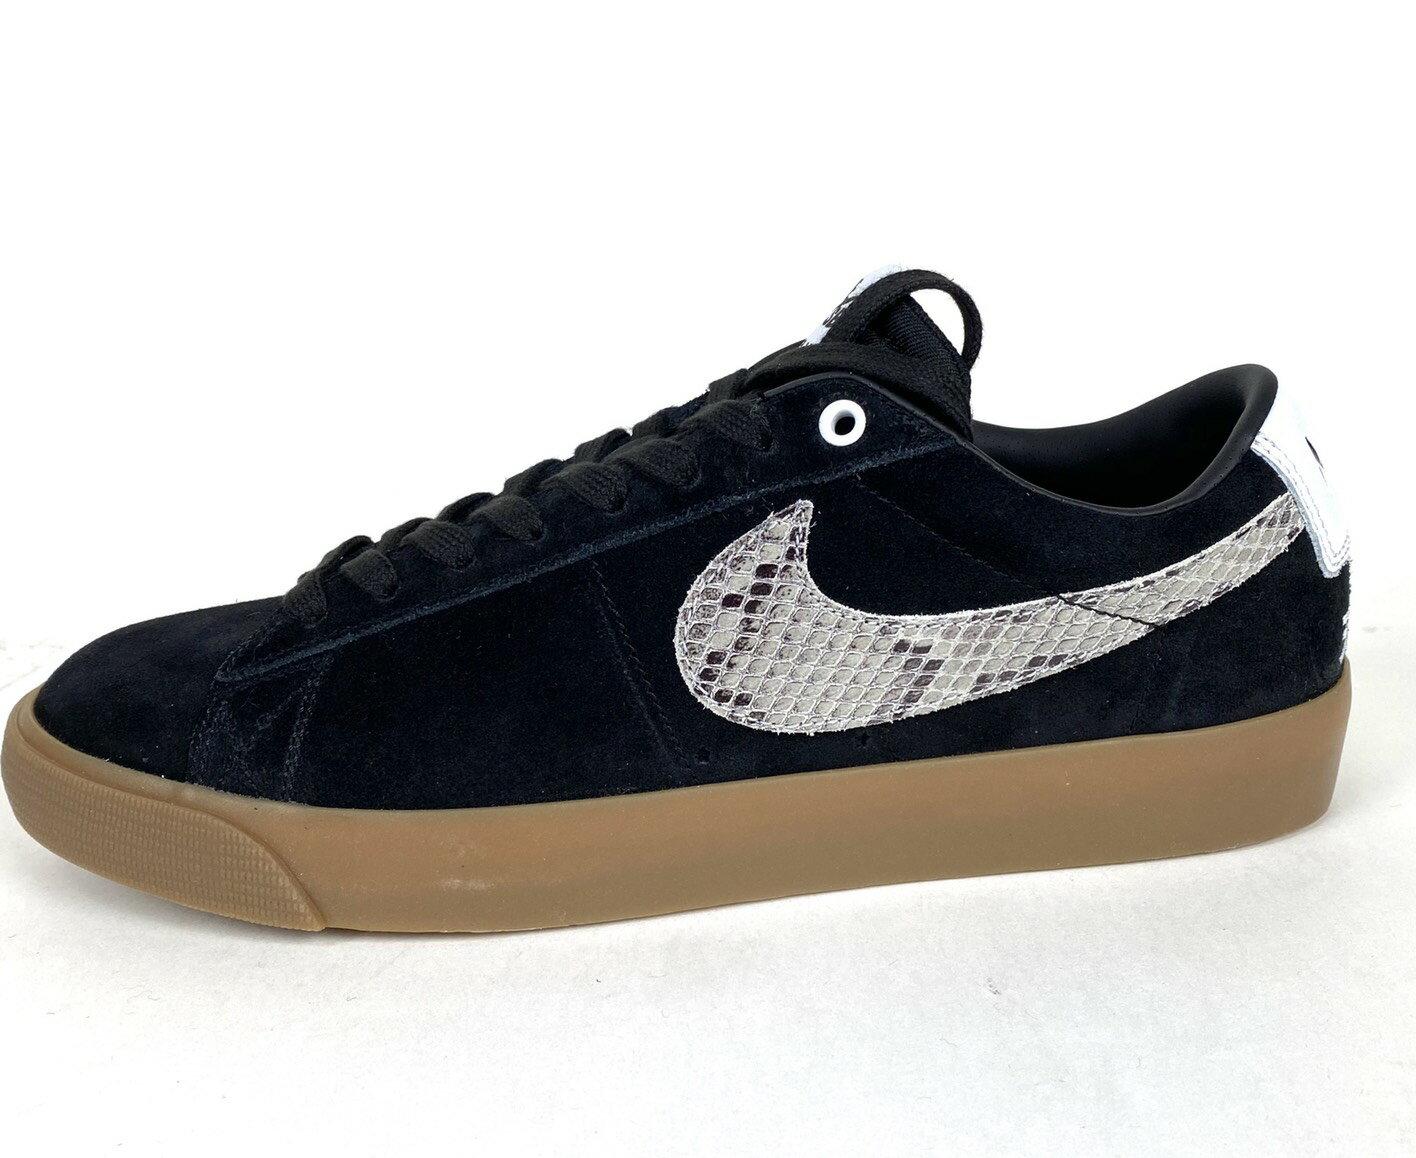 メンズ靴, スニーカー NIKE SB WACKOMARIA ZOOM BLAZER LOW GT QS BLACKLT BONE-WHITE-GM MD BRWN DA7257-0012020